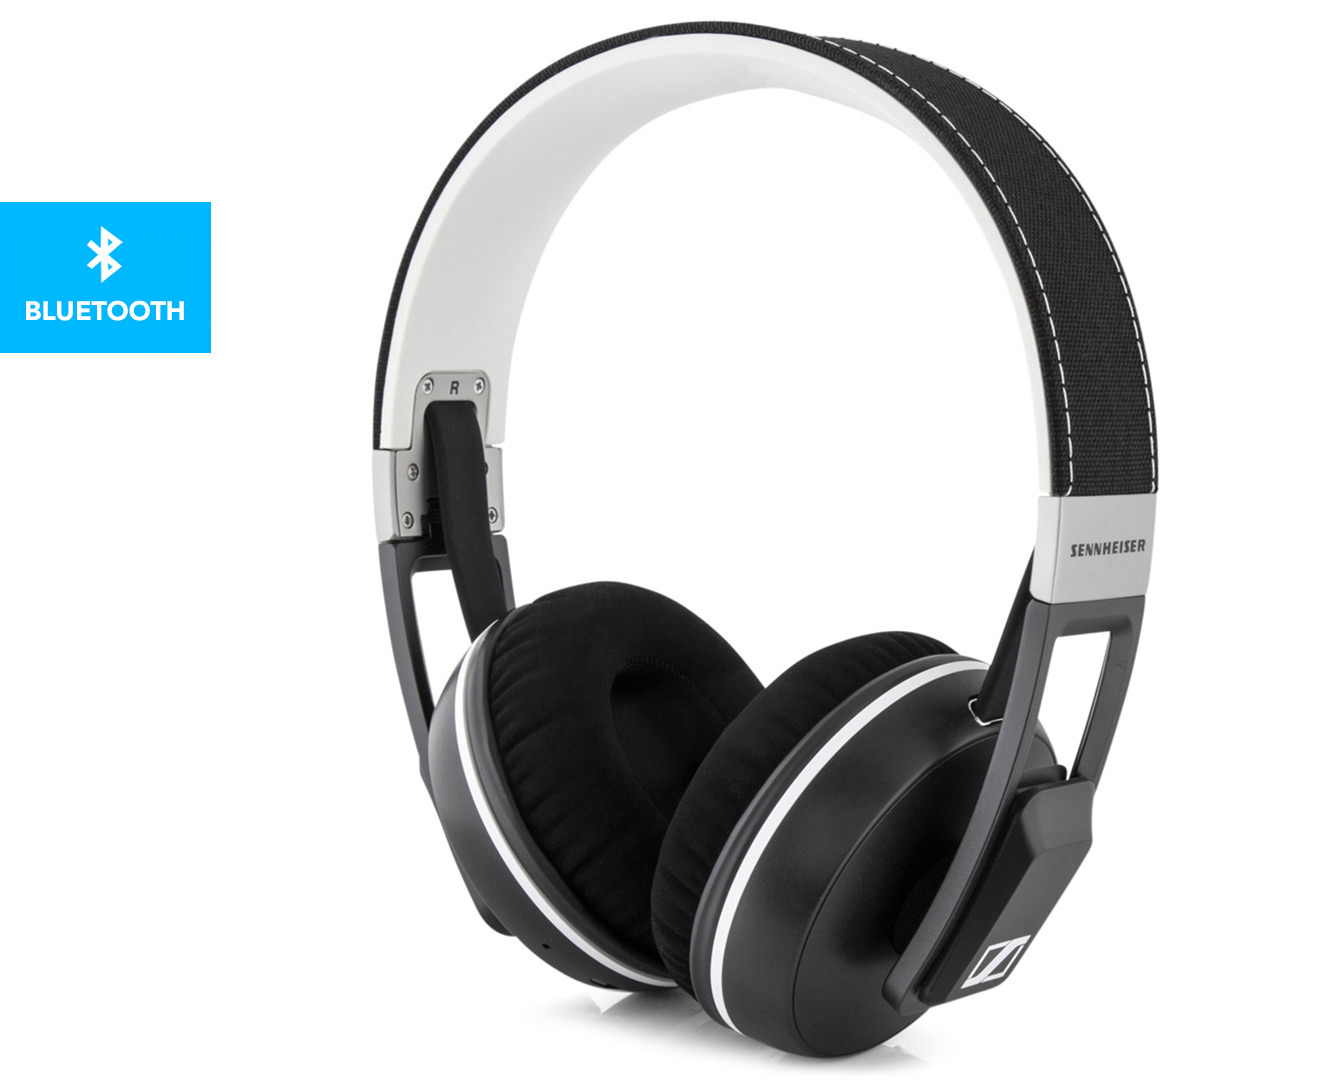 cb42f247636 Sennheiser Urbanite XL Wireless Over-Ear Headphones - Black ...